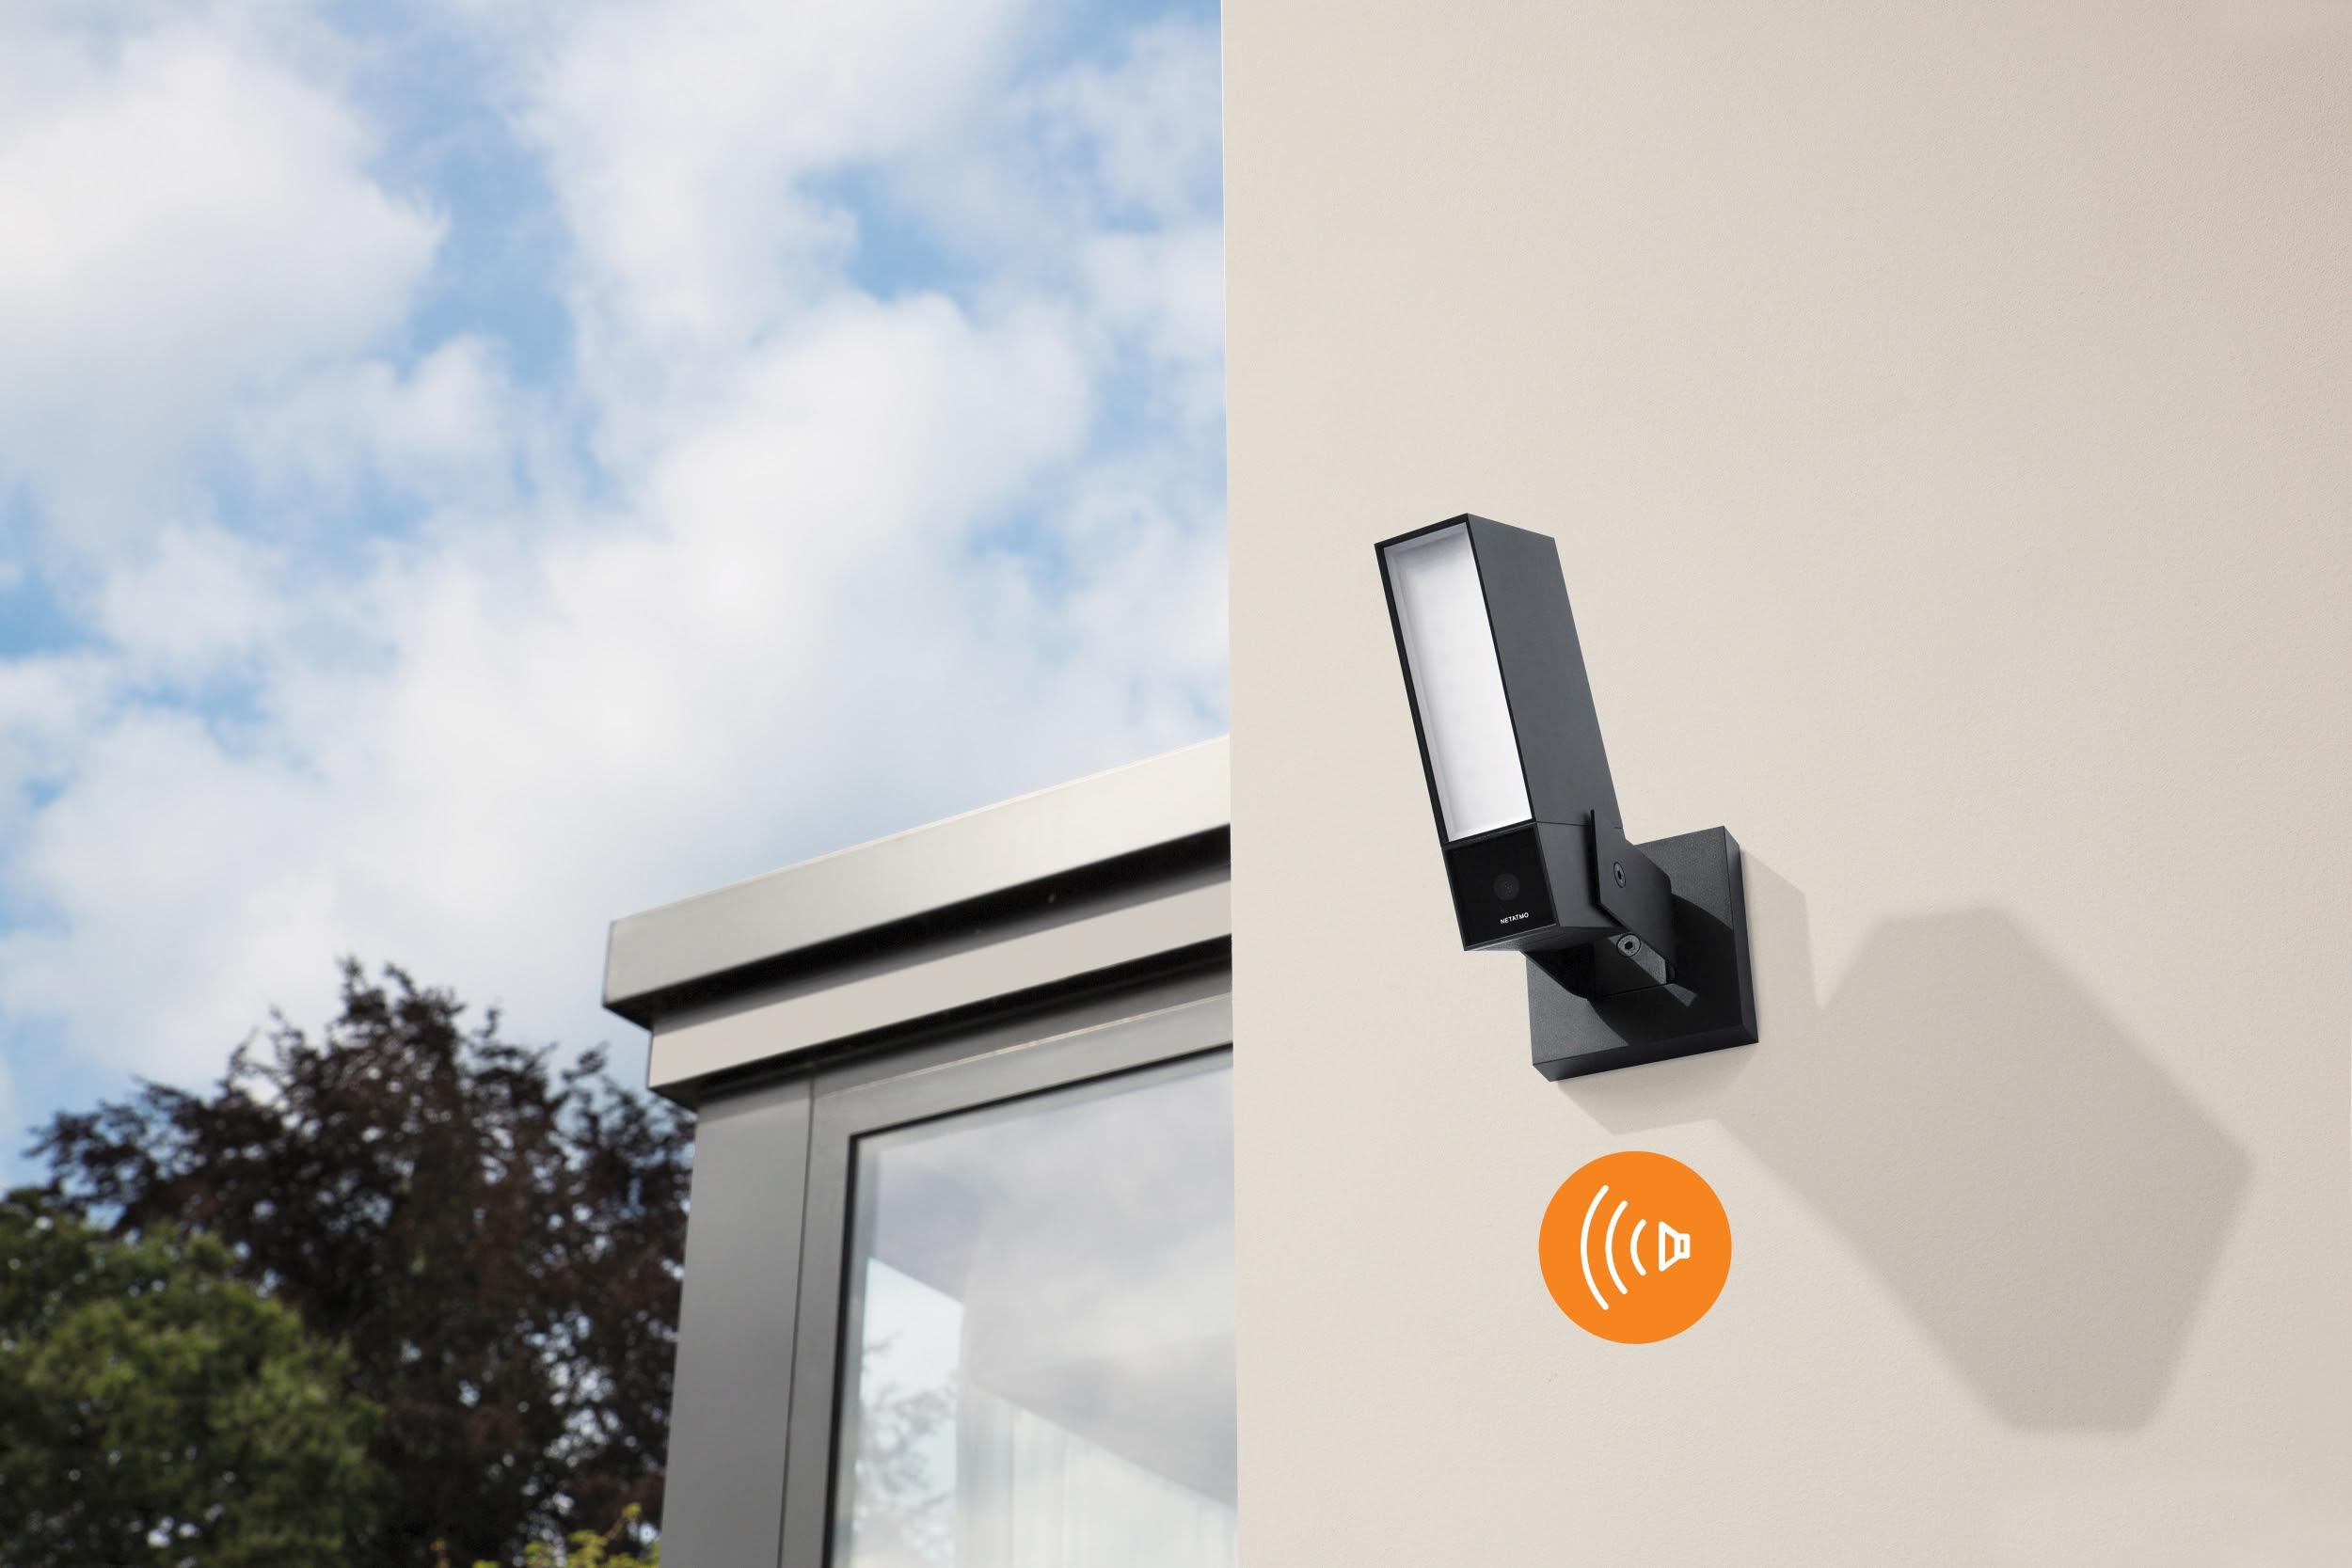 Une nouvelle caméra extérieure avec sirène intégrée chez Netatmo